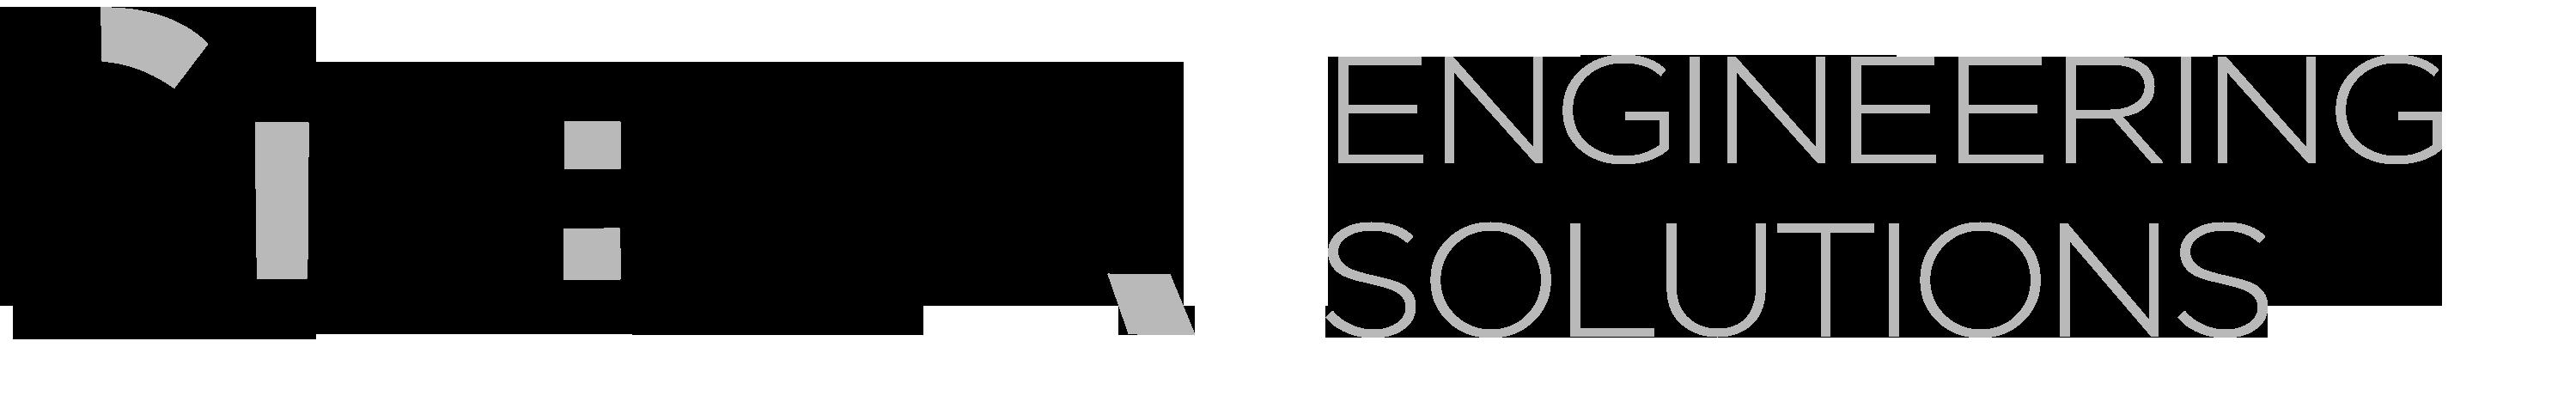 SDEA ENGINEERING SOLUTIONS (Logo)